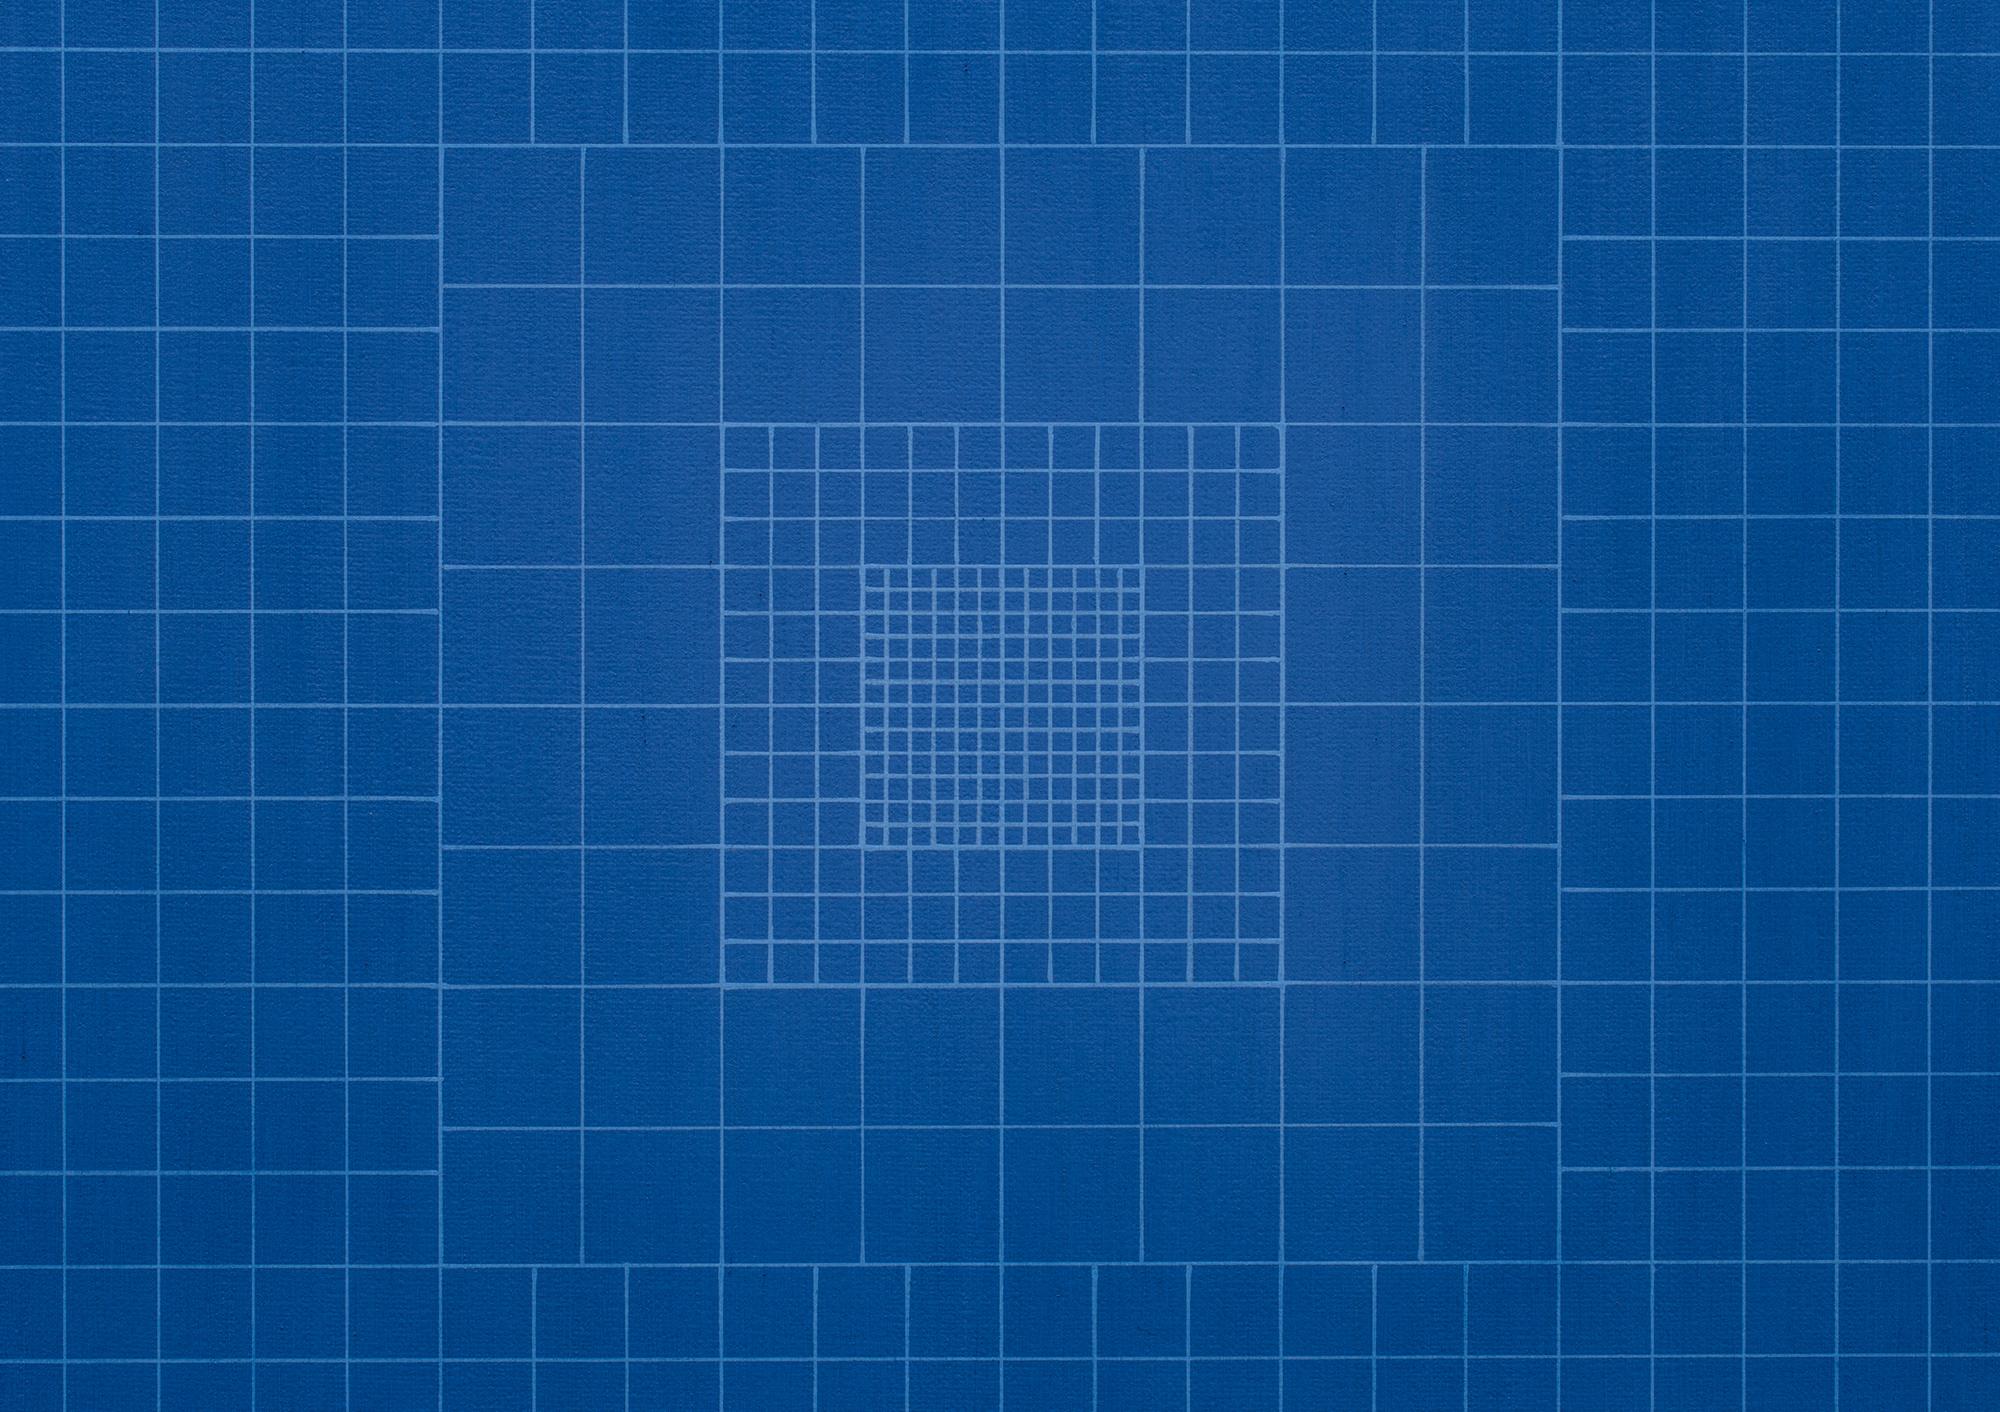 Silent-origo-metrum[20181012]_2018_acrylic-oil-on-canvas_29 1-2 x 23 5-8in.[75x60cm]-3_2000.jpg